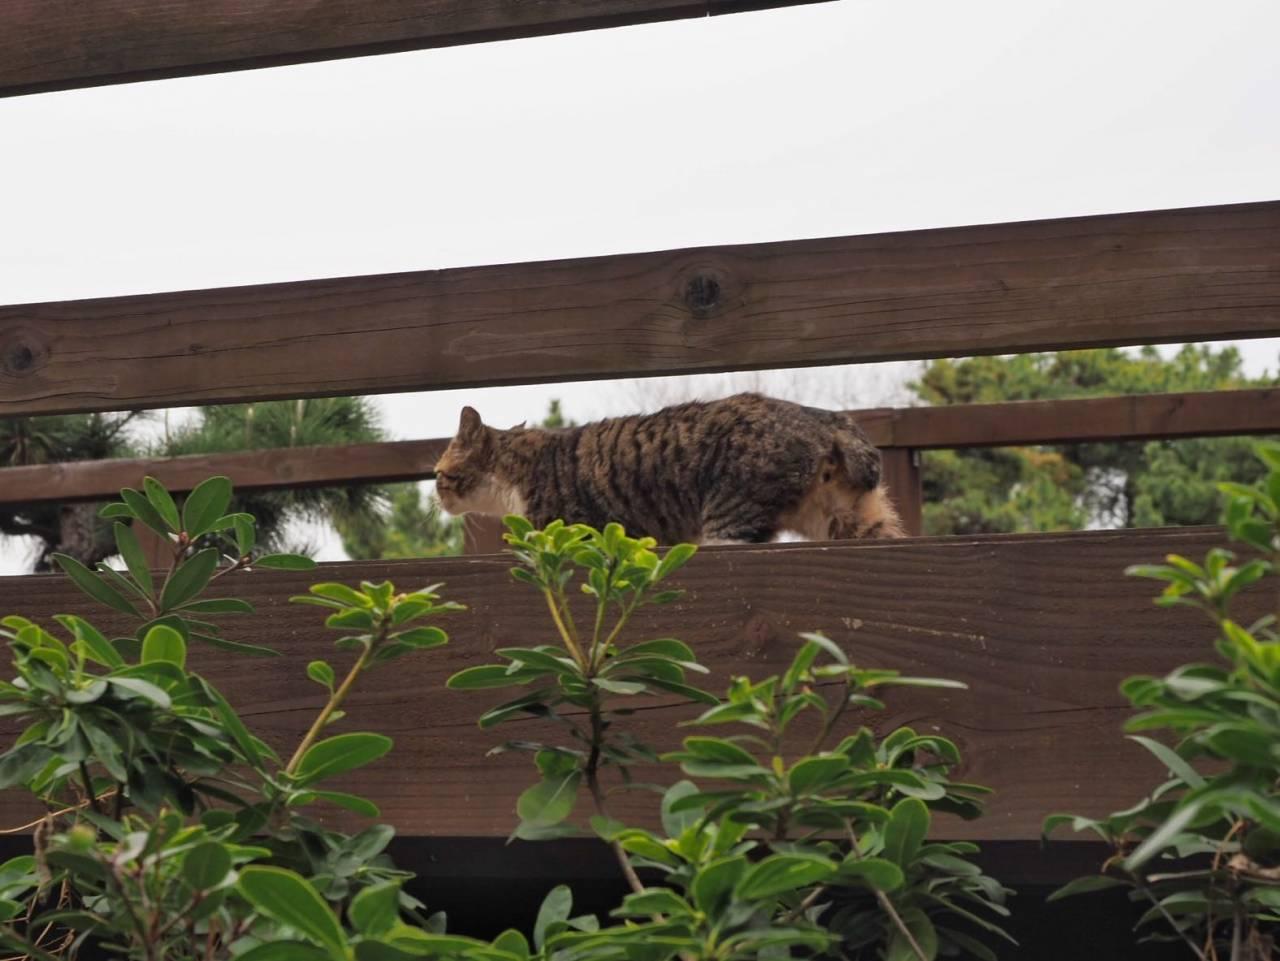 ディズニーランドに現れた猫